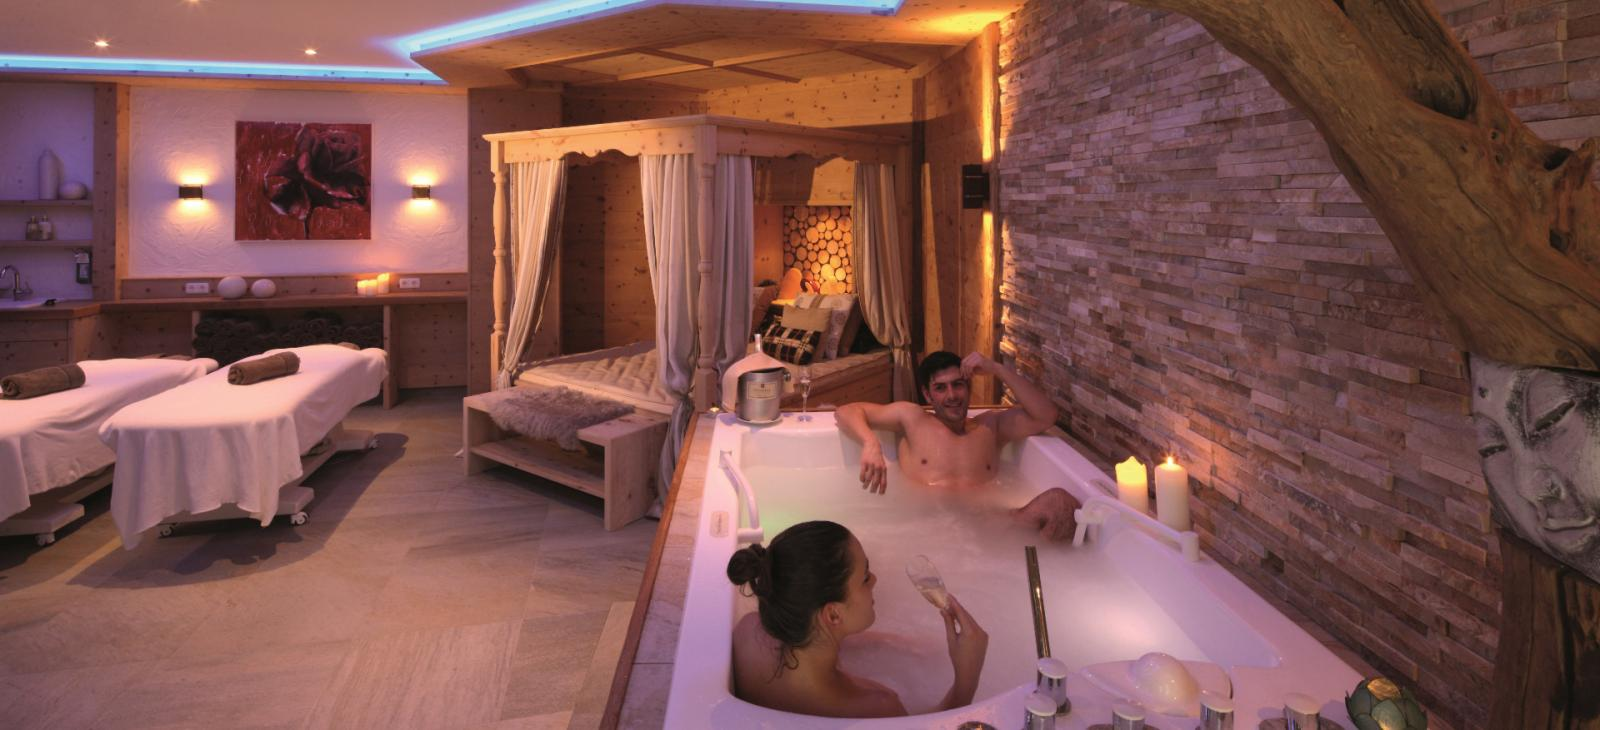 Kuscheln Wellness Angebote Amp Hotels In Der Kategorie